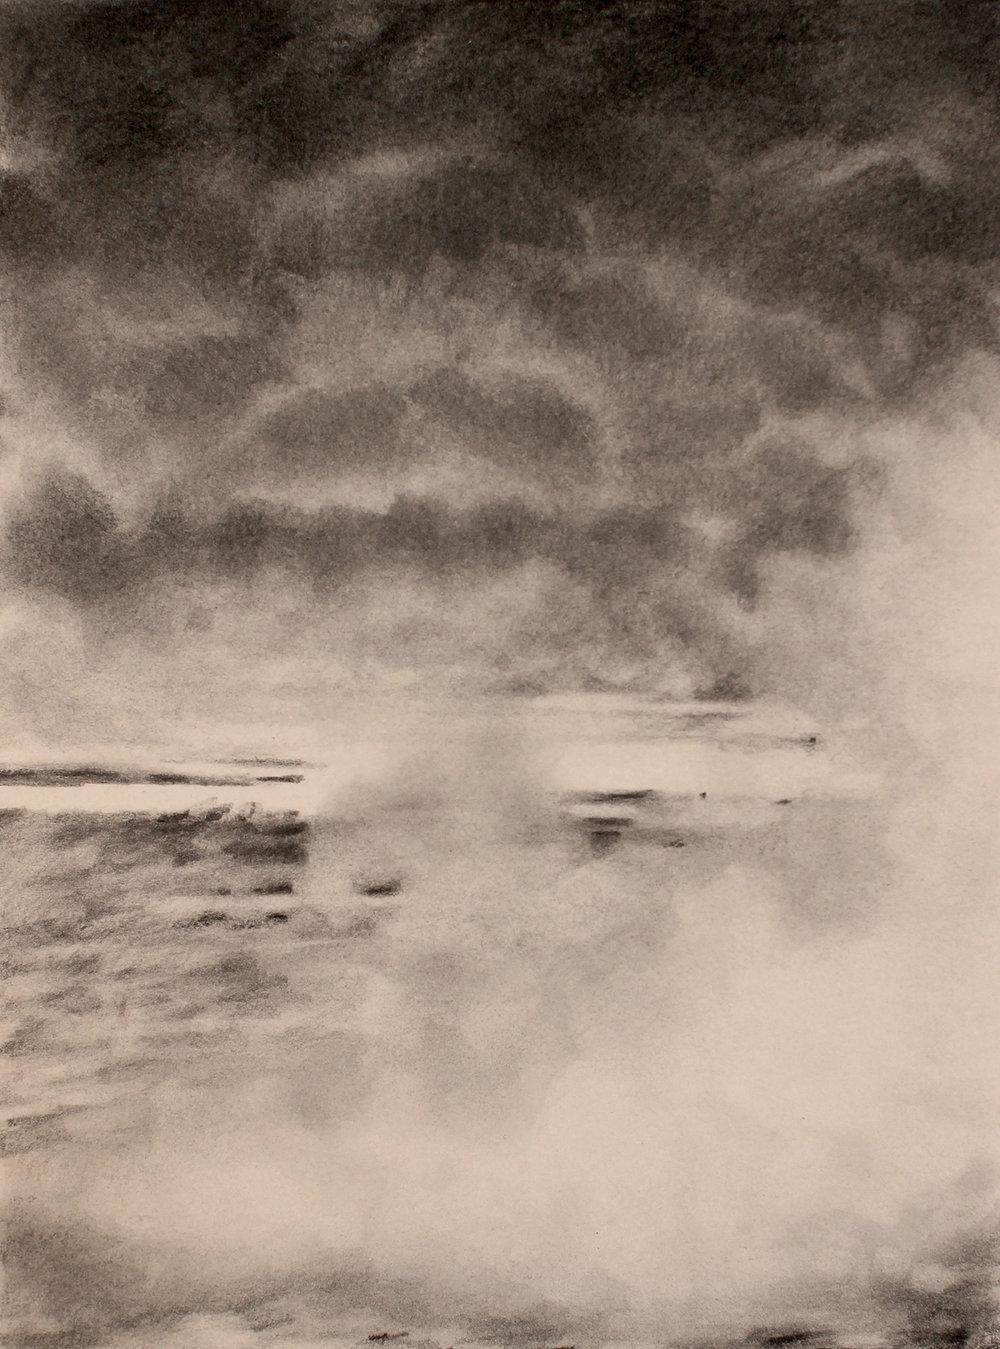 desert (iraq) 4, 2017, 10 x 15 inches, graphite on paper